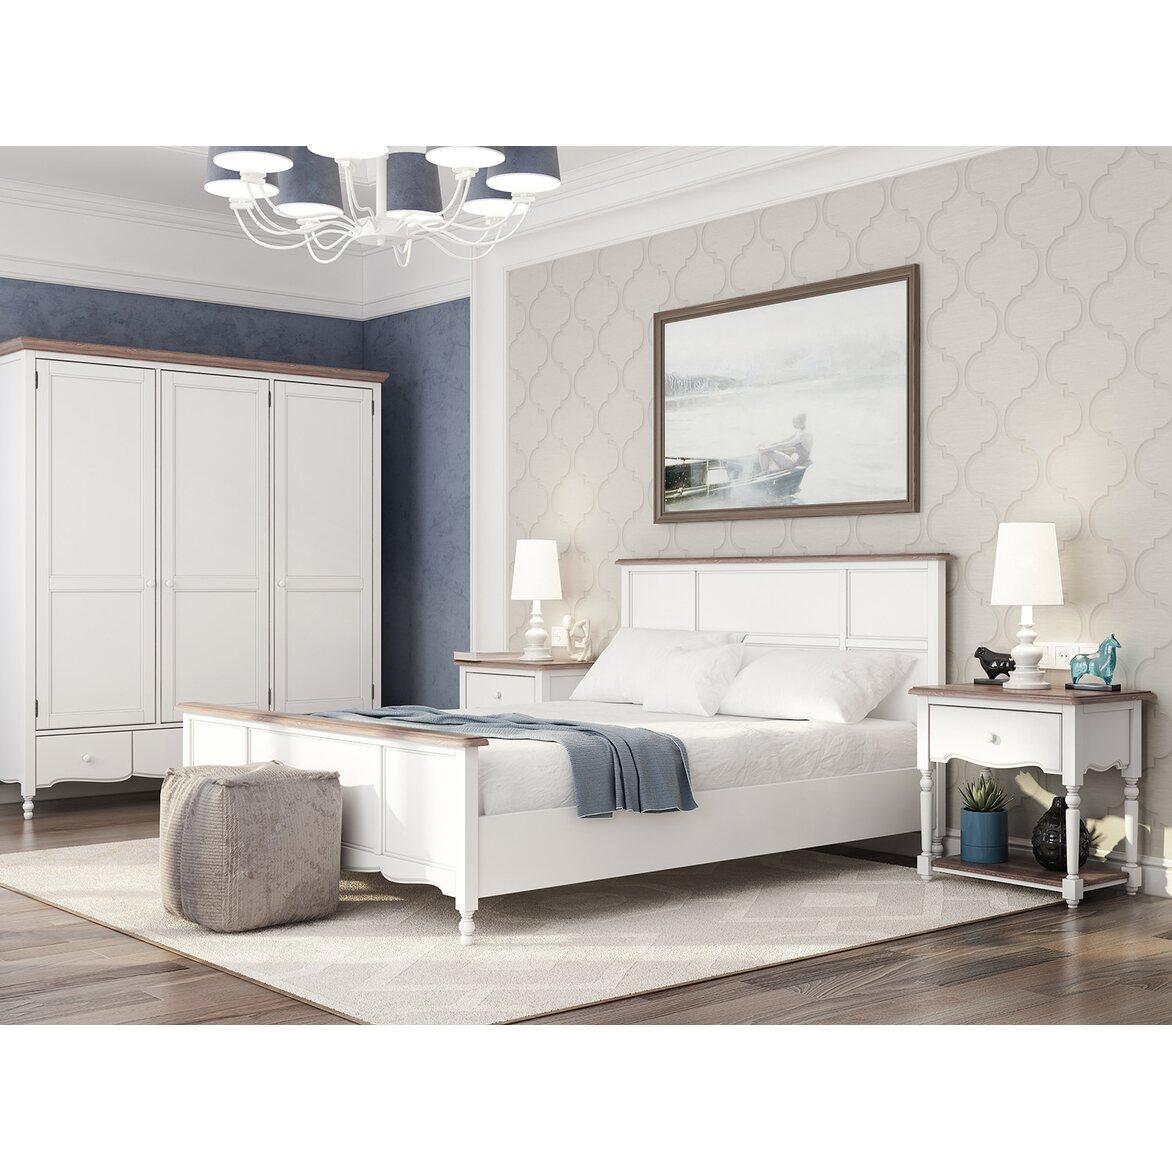 Шкаф трехстворчатый Leblanc, белый 5 | Платяные шкафы Kingsby